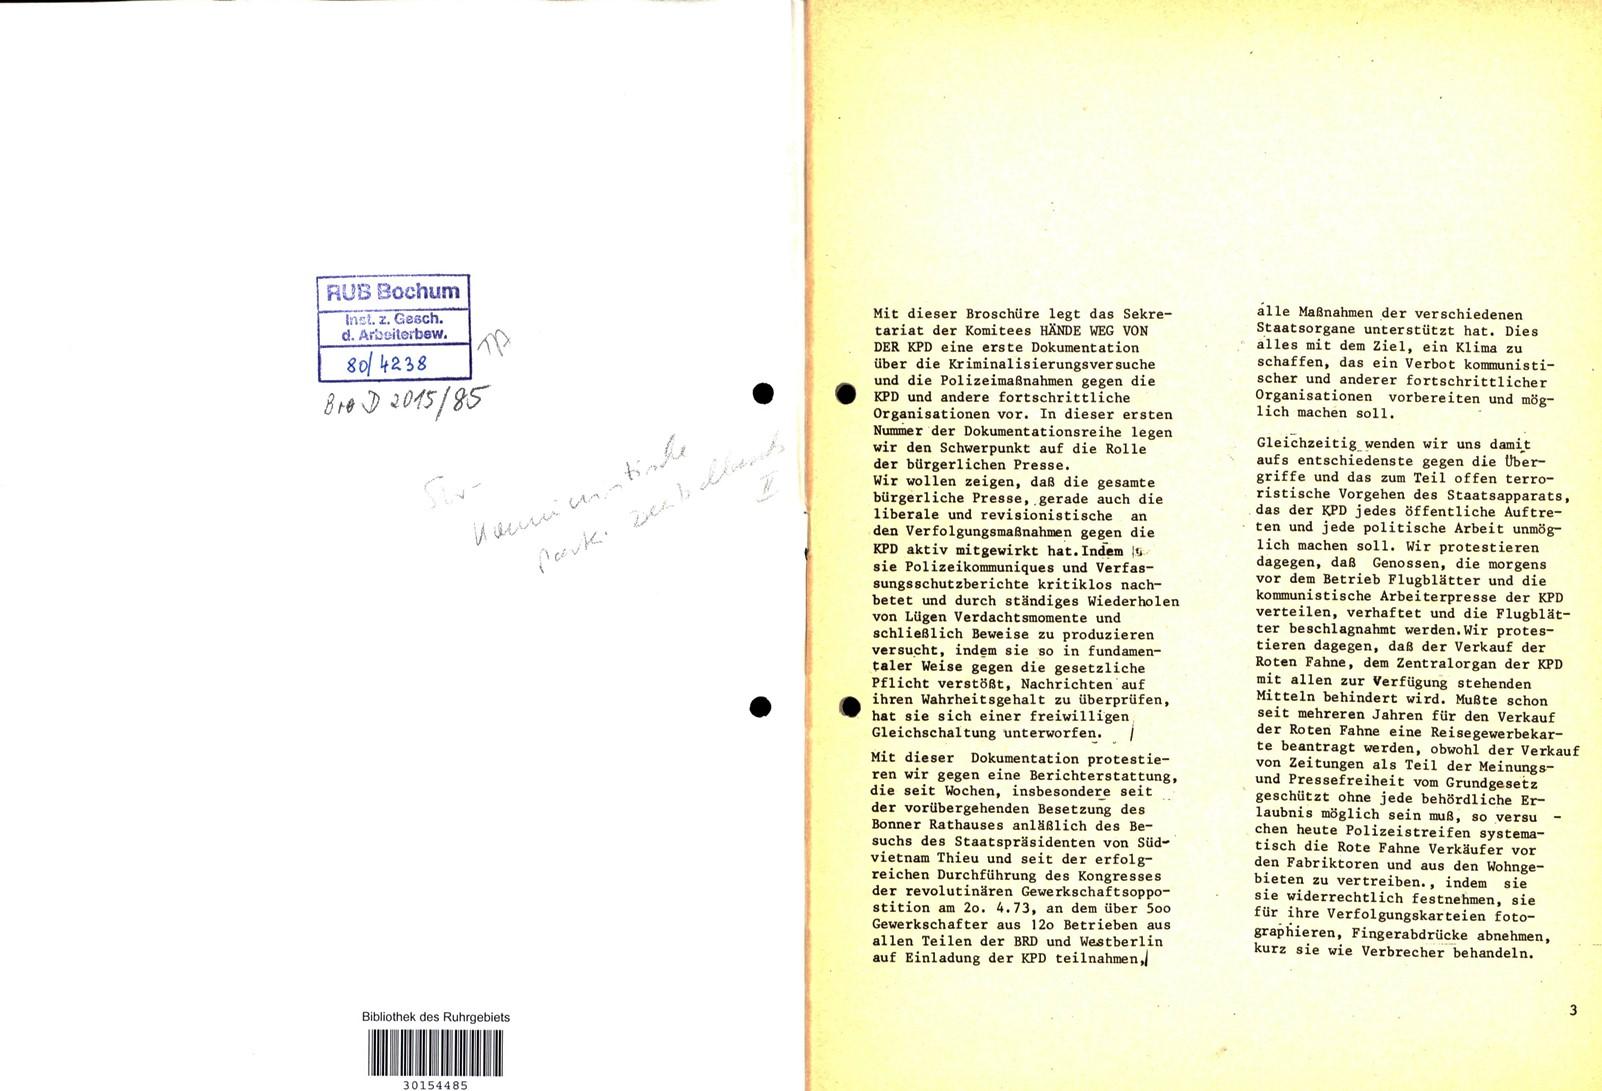 Komitee_Haende_weg_von_der_KPD_1973_Polizeijournalismus_02